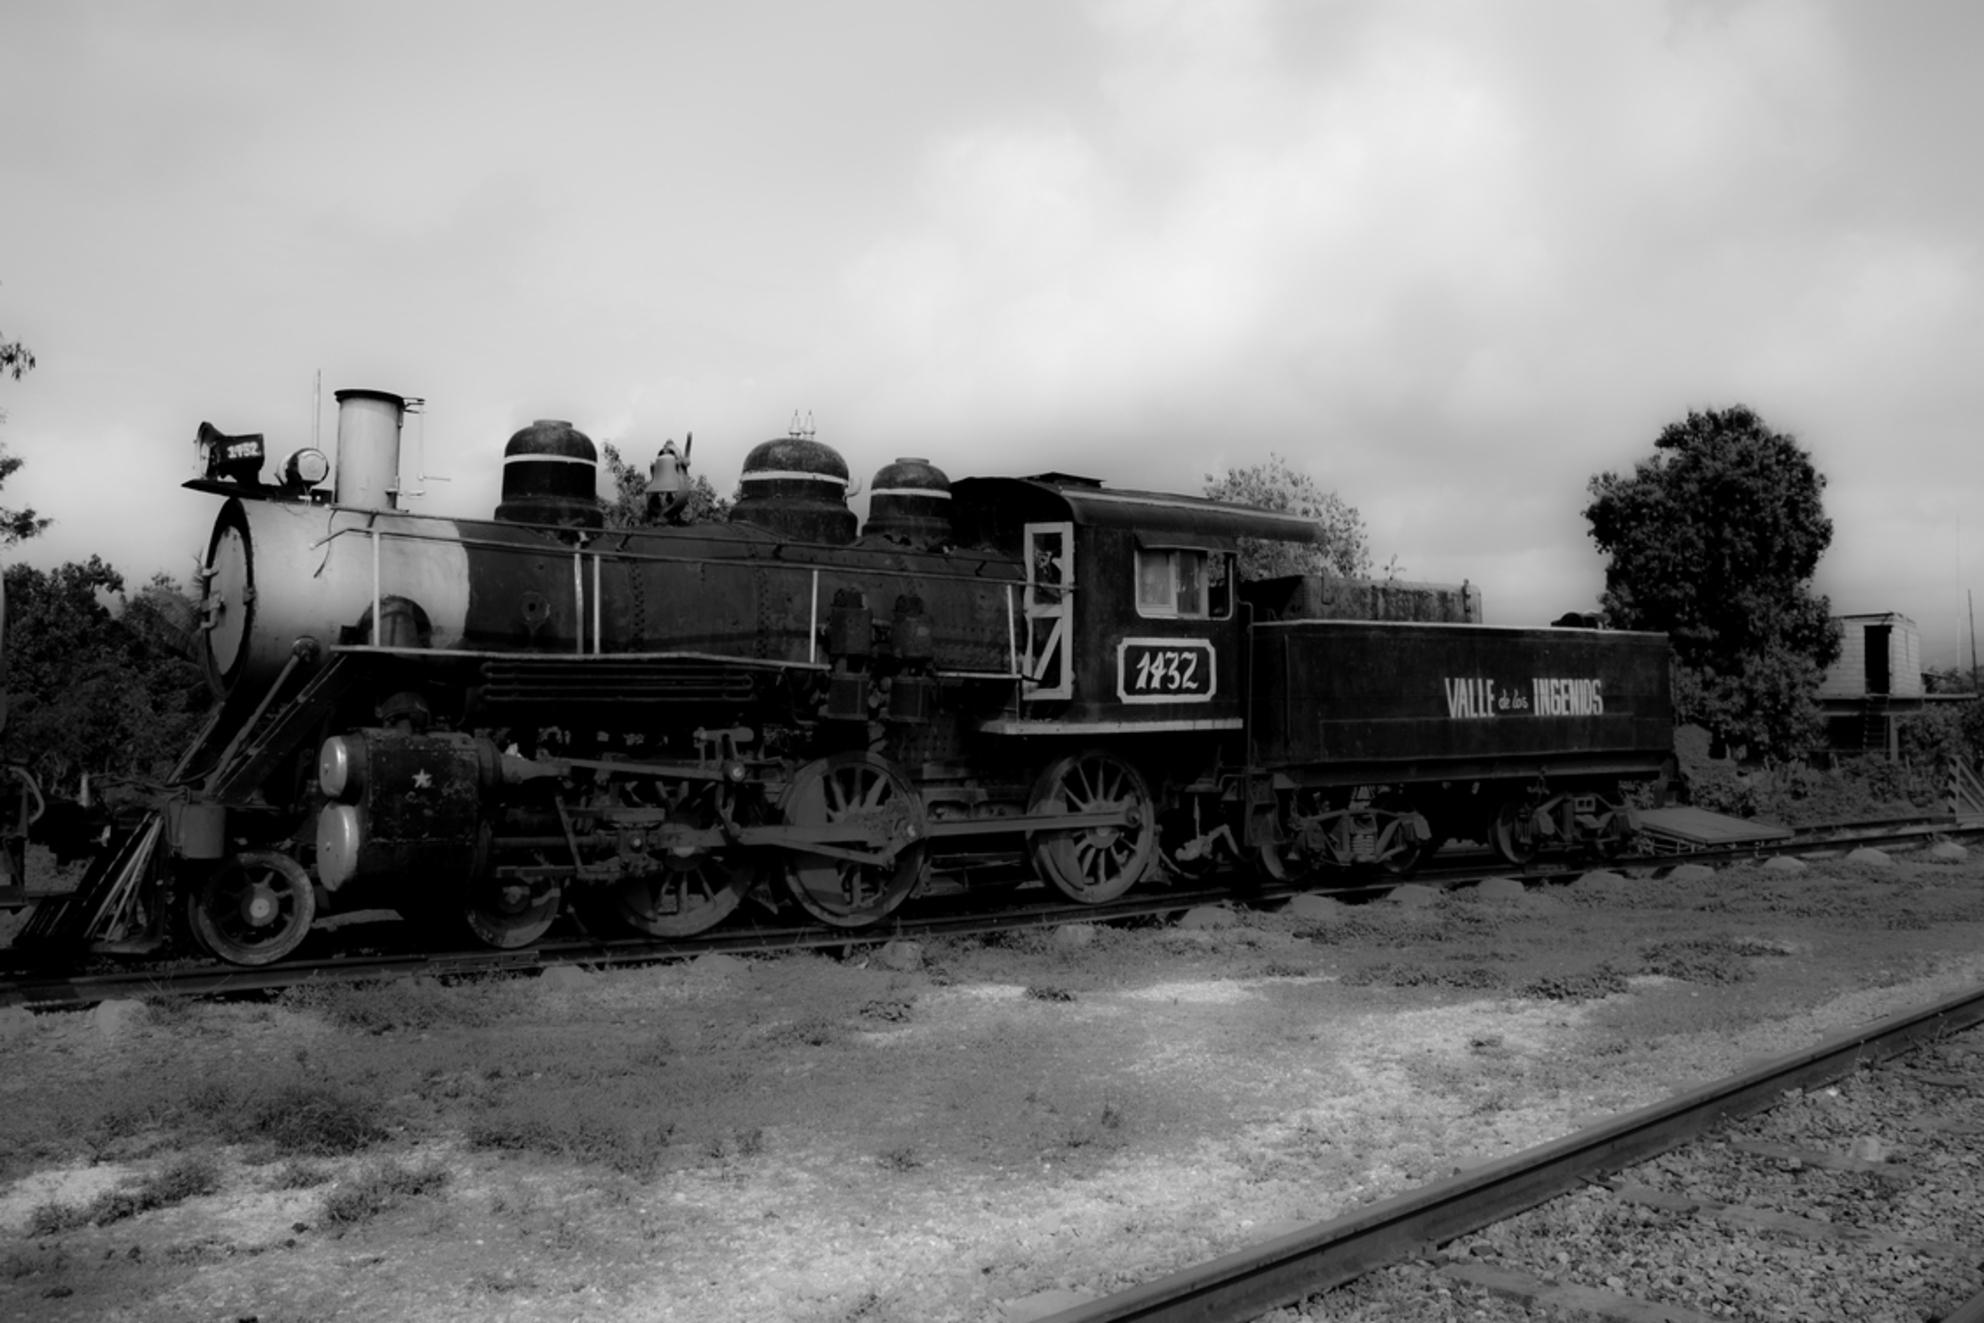 Oude locomotief - Mooie klassieke locomotief. Helaas rijdt ze niet meer. - foto door dontknowyet28 op 15-07-2013 - deze foto bevat: oud, cuba, trein, locomotief, klassiek. - Deze foto mag gebruikt worden in een Zoom.nl publicatie